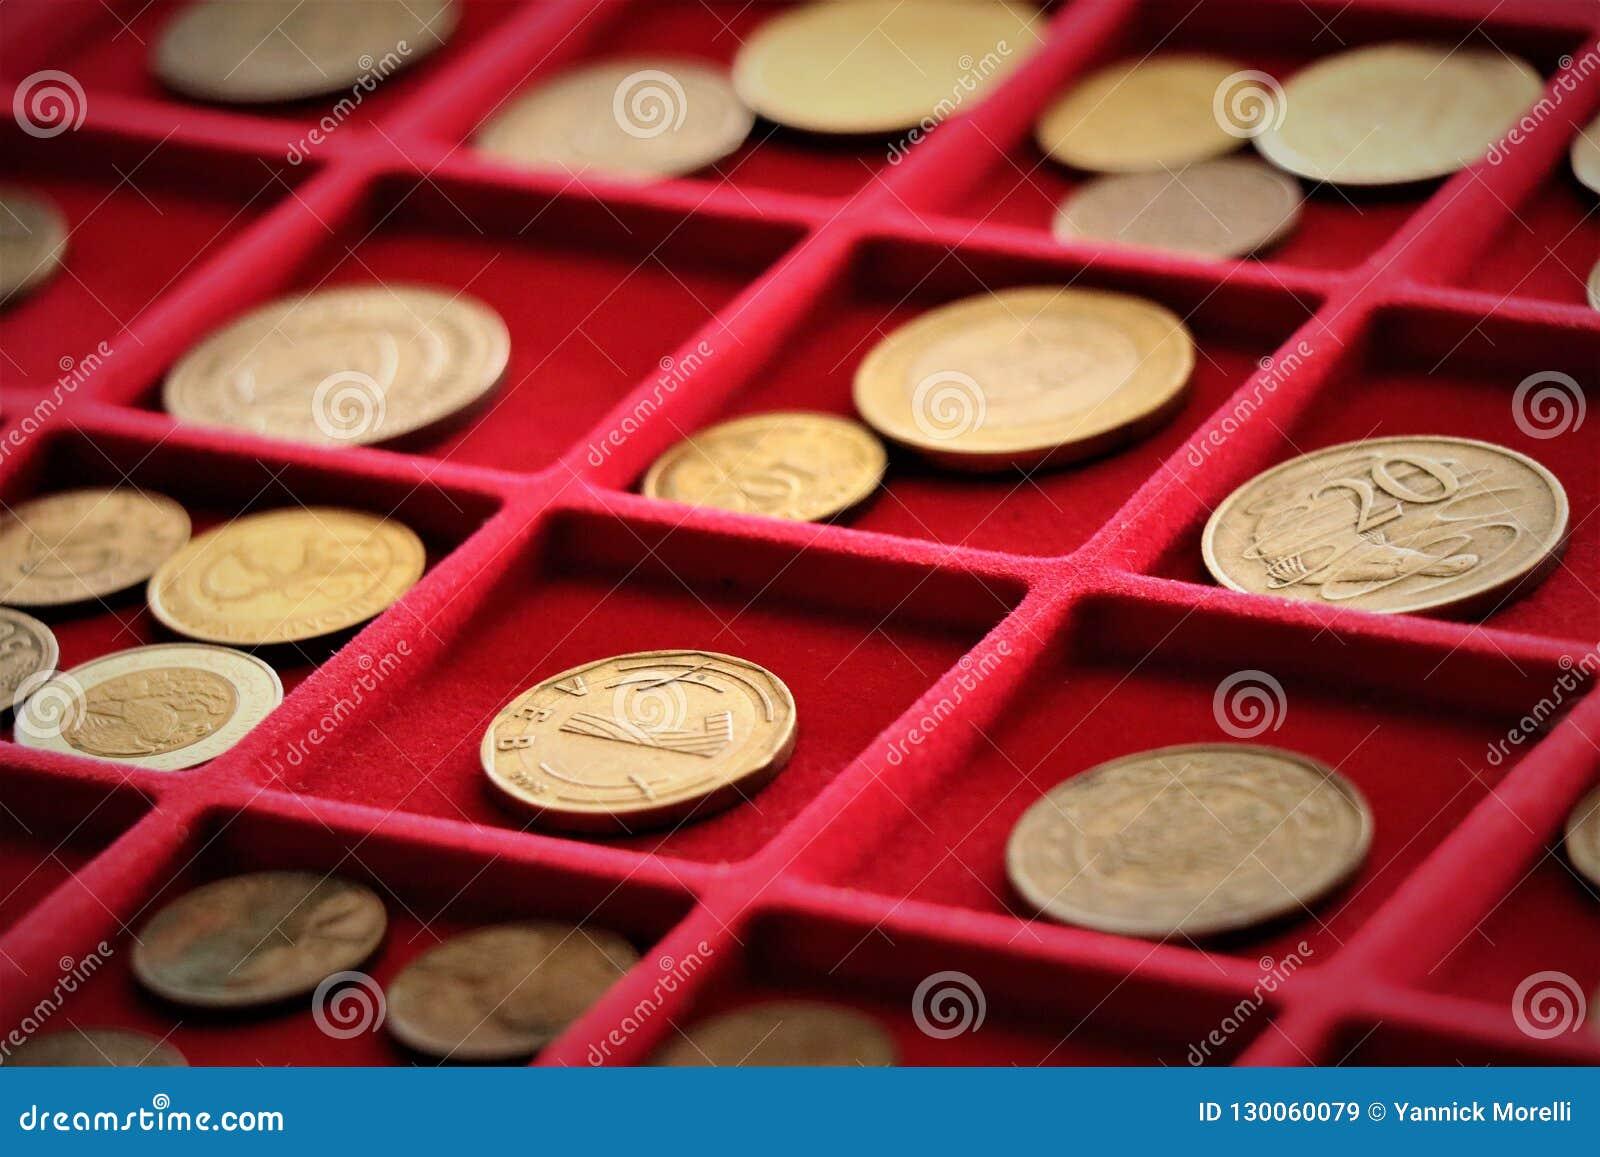 Lavoro numismatico Raccolta di monete, investimento